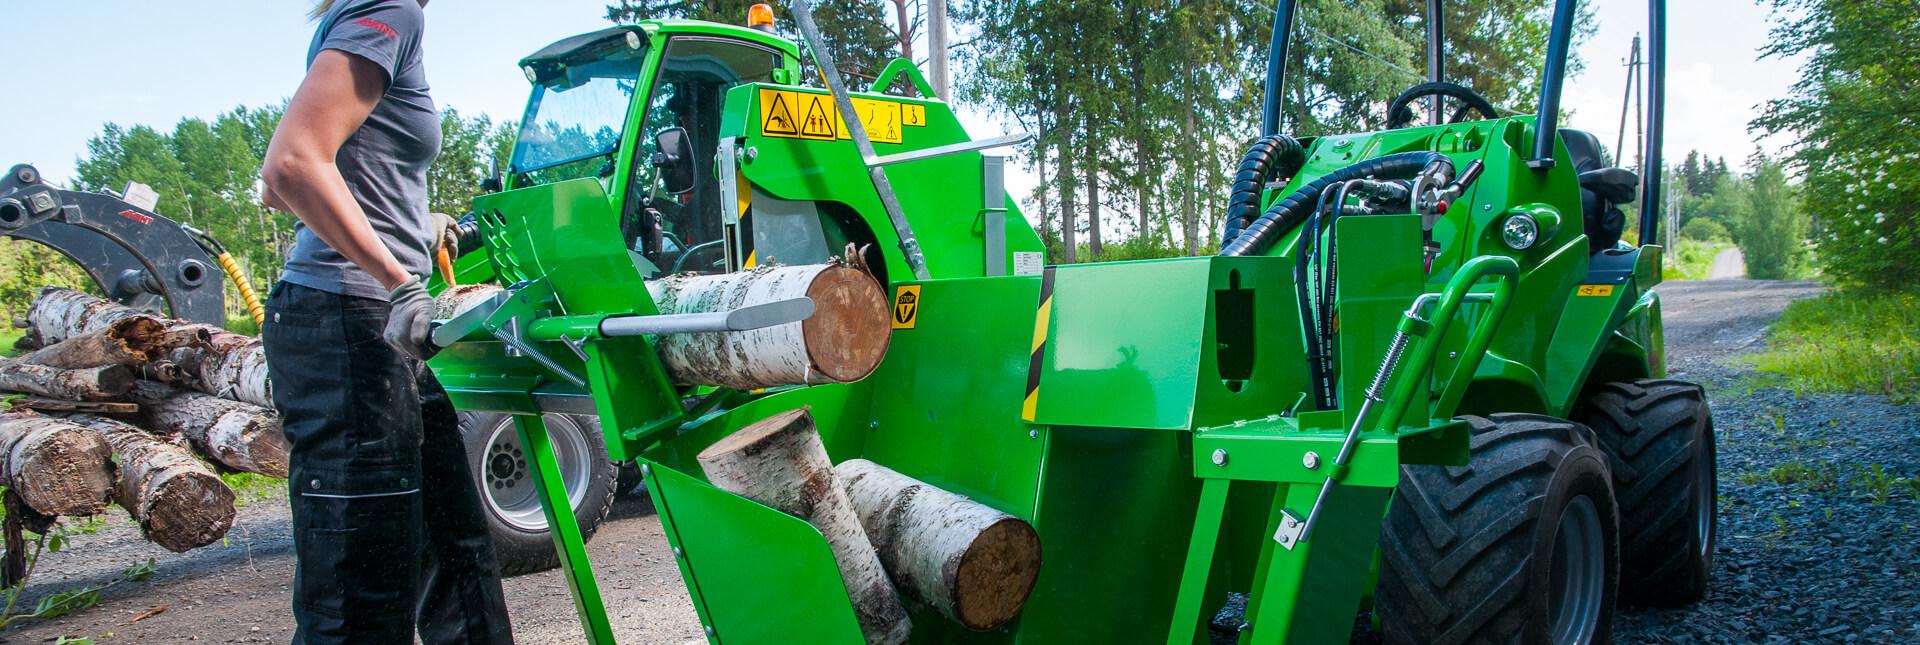 Arbejdsbillede af træsav monteret på en AVANT minilæsser